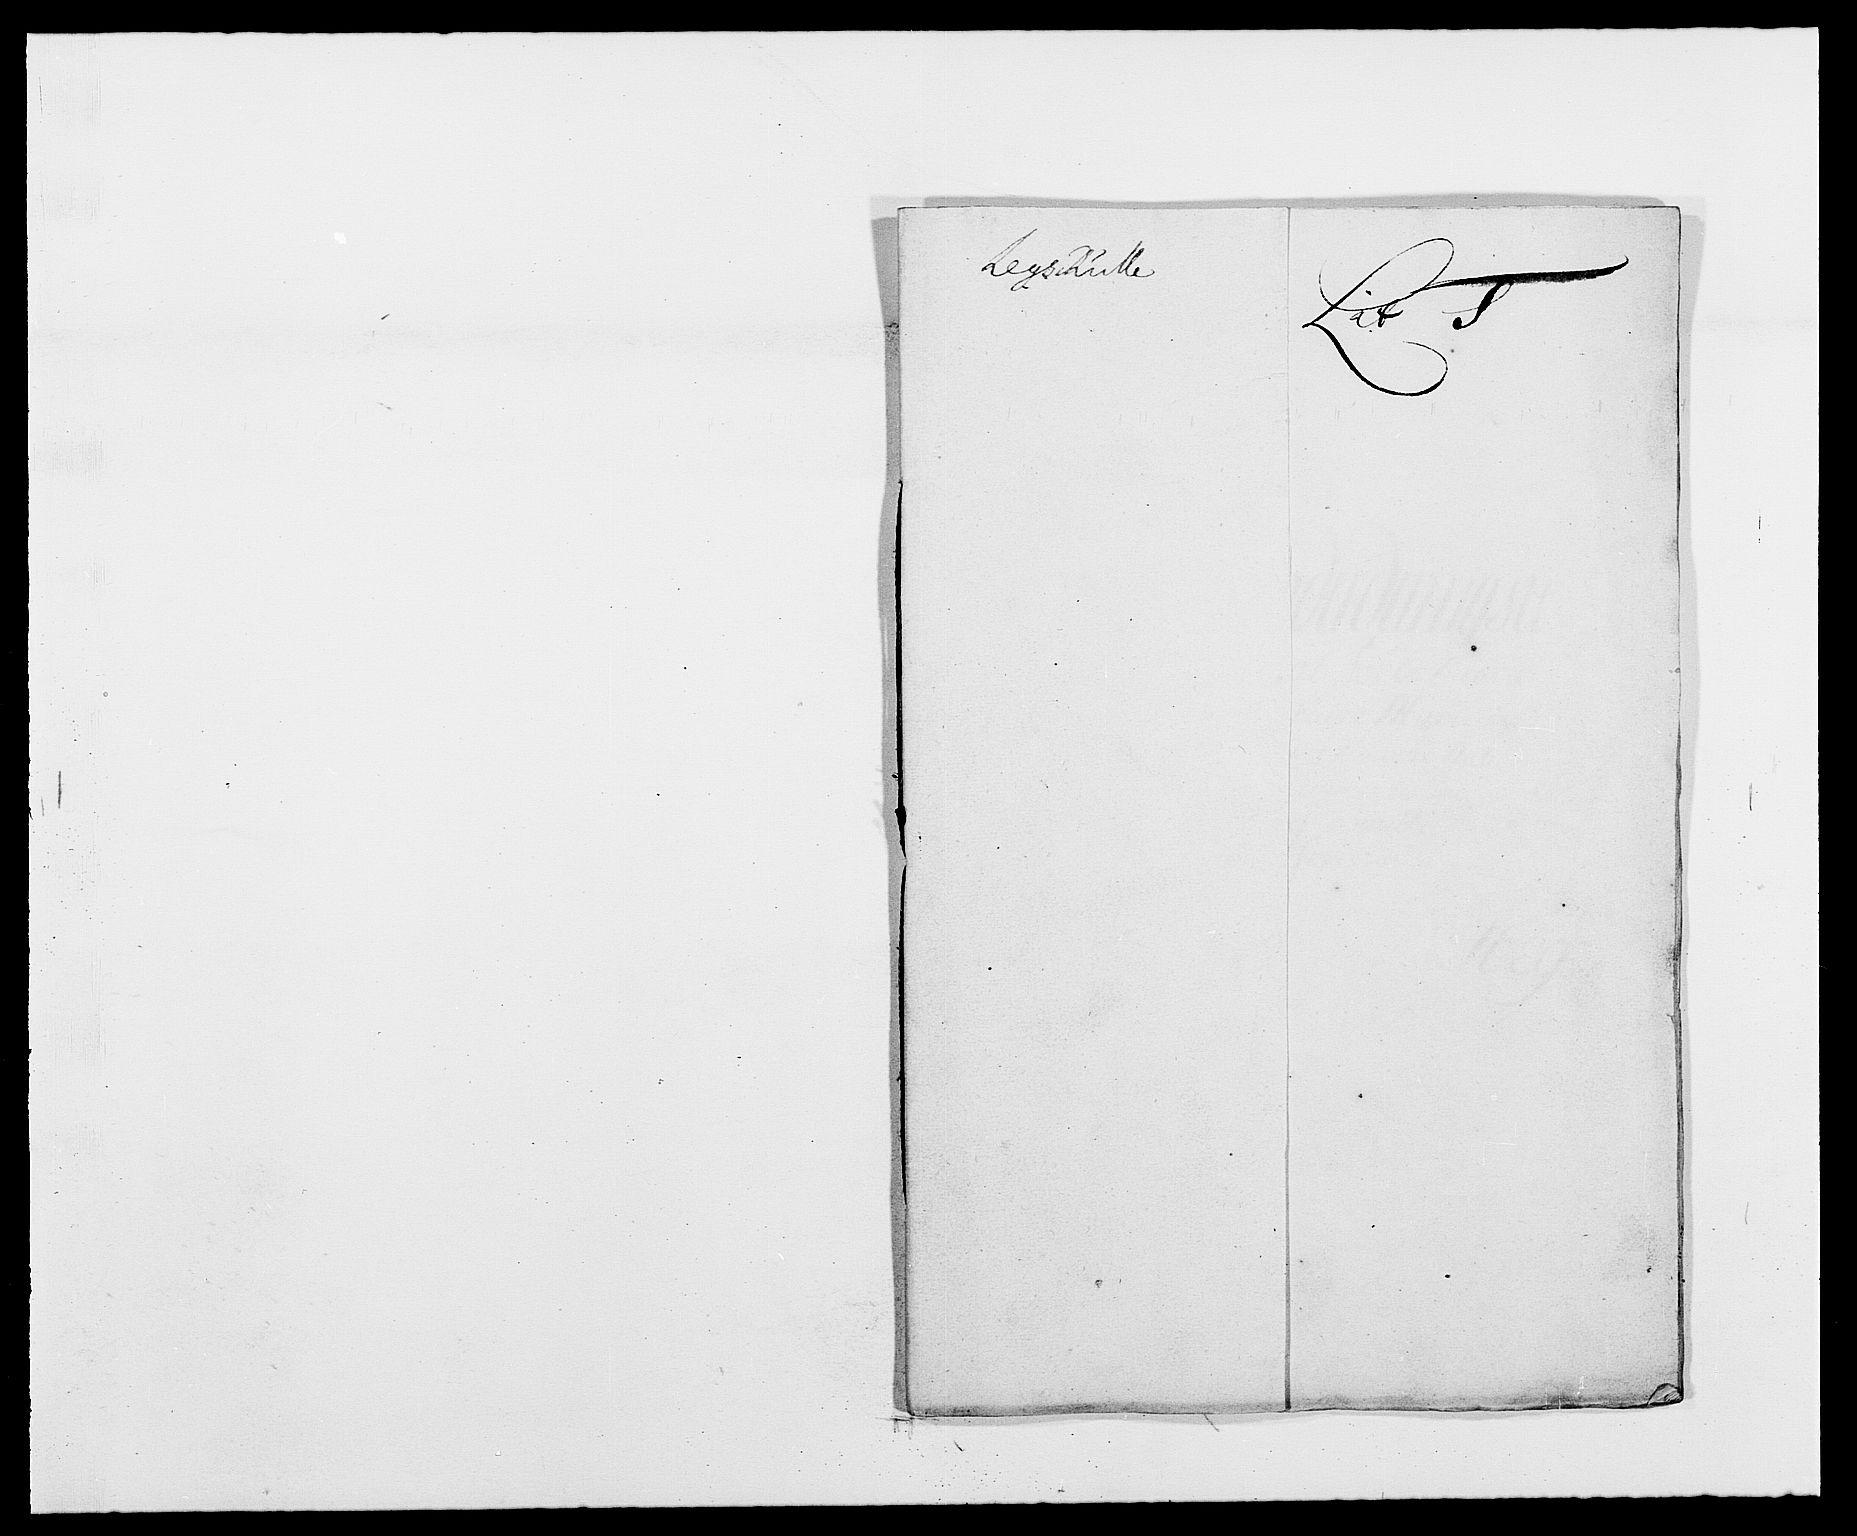 RA, Rentekammeret inntil 1814, Reviderte regnskaper, Fogderegnskap, R34/L2050: Fogderegnskap Bamble, 1688-1691, s. 331